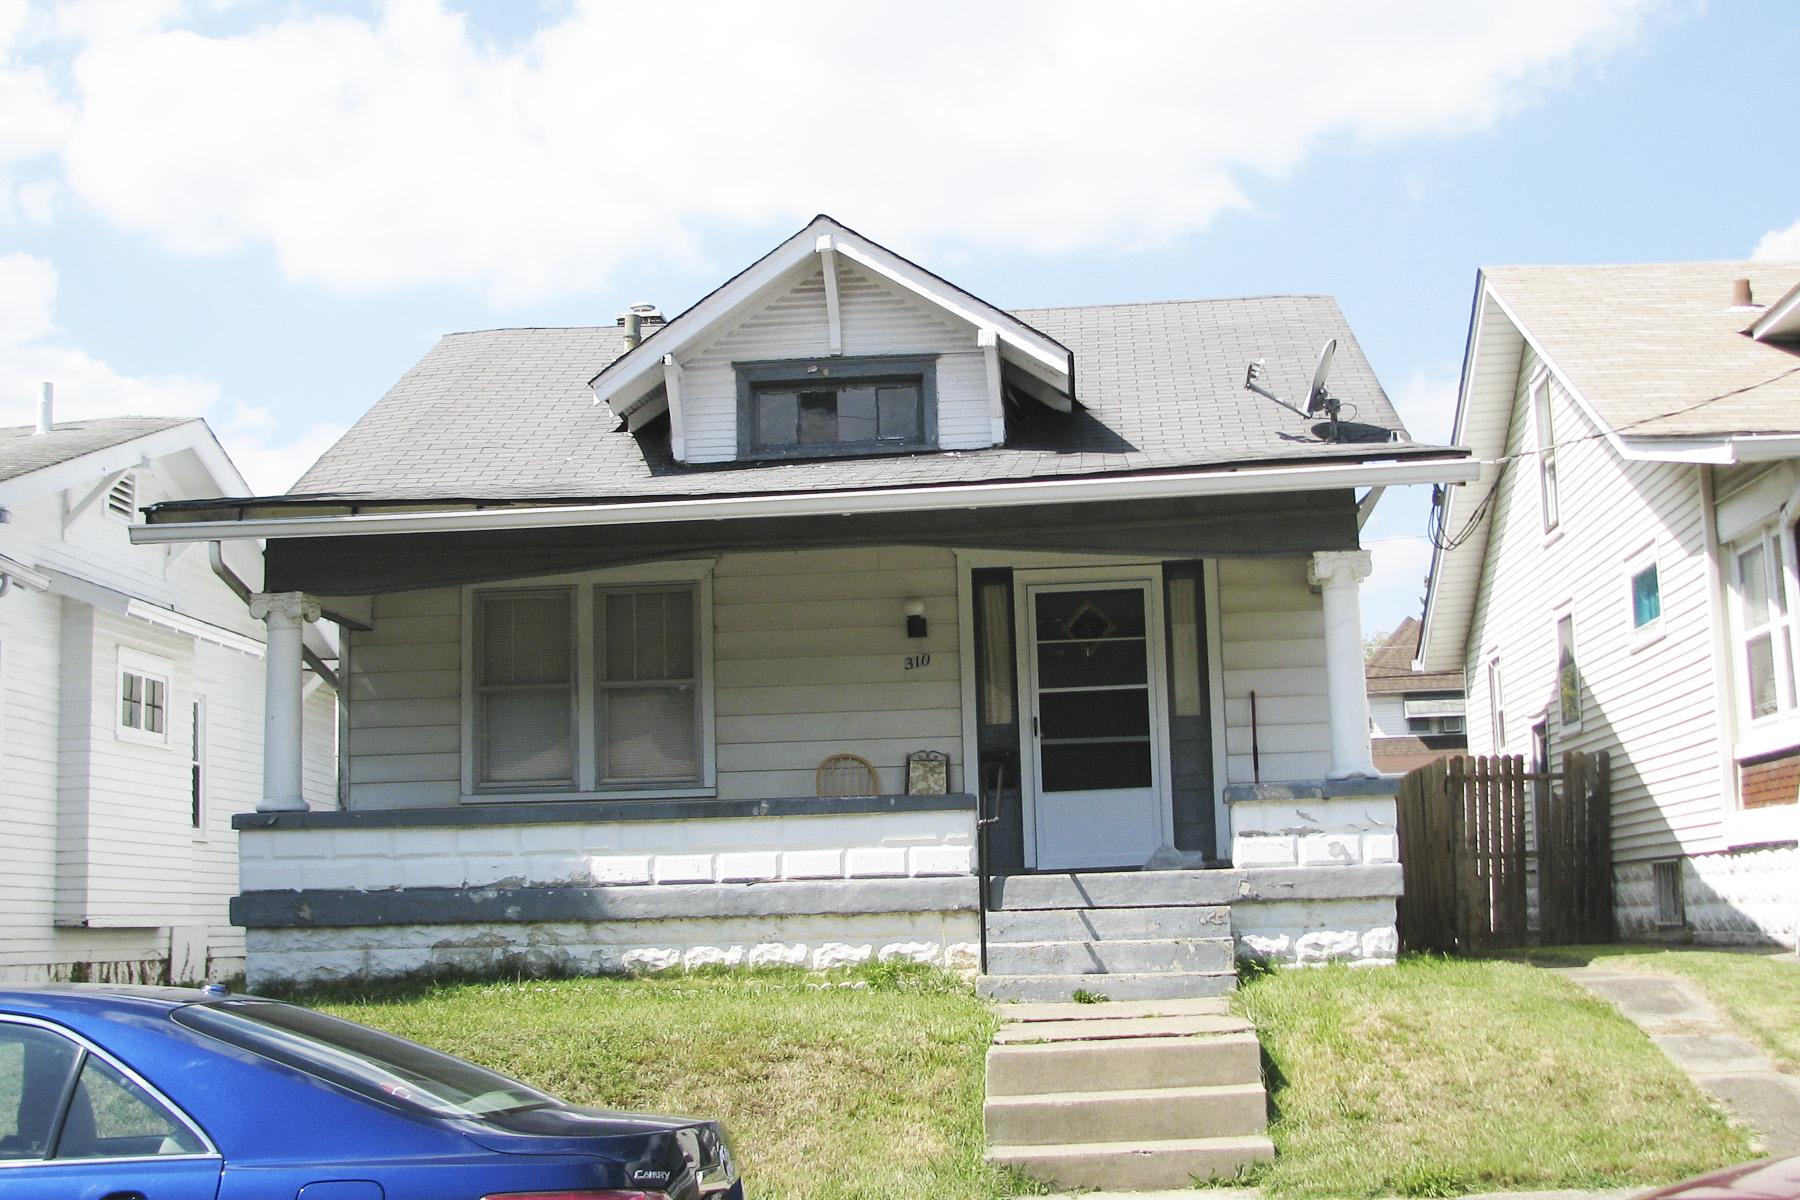 310 S 43rd Street, Louisville, Kentucky 40212